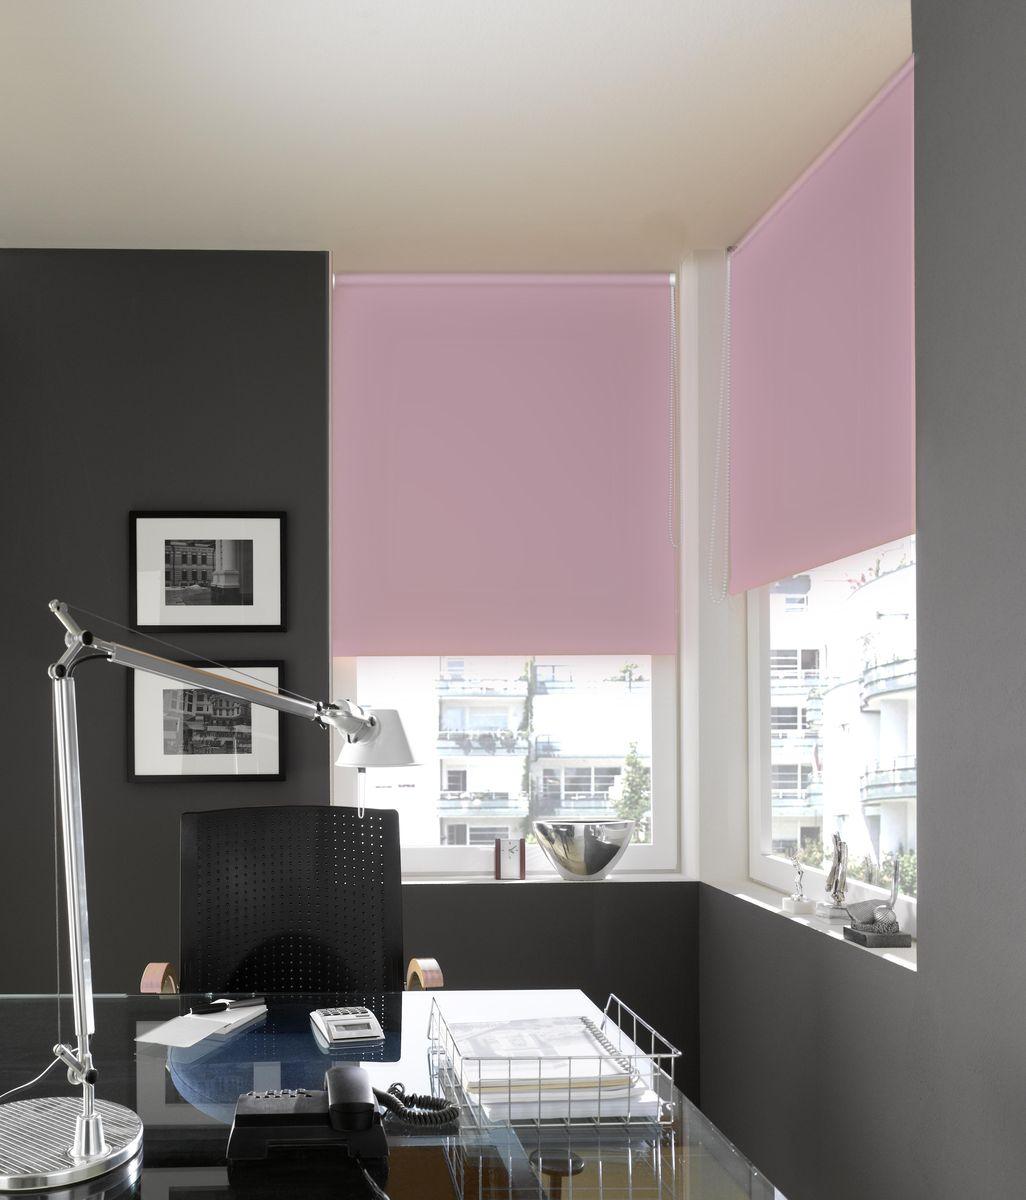 Штора рулонная Эскар Миниролло. Blackout, светонепроницаемая, цвет: розовый кварц, ширина 90 см, высота 170 смKGB GX-3Рулонными шторамиЭскар Миниролло. Blackout можно оформлять окна как самостоятельно, так и использовать в комбинации с портьерами. Это поможет предотвратить выгорание дорогой ткани на солнце и соединит функционал рулонных с красотой навесных. Преимущества применения рулонных штор для пластиковых окон: - имеют прекрасный внешний вид: многообразие и фактурность материала изделия отлично смотрятся в любом интерьере;- многофункциональны: есть возможность подобрать шторы способные эффективно защитить комнату от солнца, при этом она не будет слишком темной;- есть возможность осуществить быстрый монтаж.ВНИМАНИЕ! Размеры ширины изделия указаны по ширине ткани! Во время эксплуатации не рекомендуется полностью разматывать рулон, чтобы не оторвать ткань от намоточного вала. В случае загрязнения поверхности ткани, чистку шторы проводят одним из способов, в зависимости от типа загрязнения:легкое поверхностное загрязнение можно удалить при помощи канцелярского ластика;чистка от пыли производится сухим методом при помощи пылесоса с мягкой щеткой-насадкой;для удаления пятна используйте мягкую губку с пенообразующим неагрессивным моющим средством или пятновыводитель на натуральной основе (нельзя применять растворители).